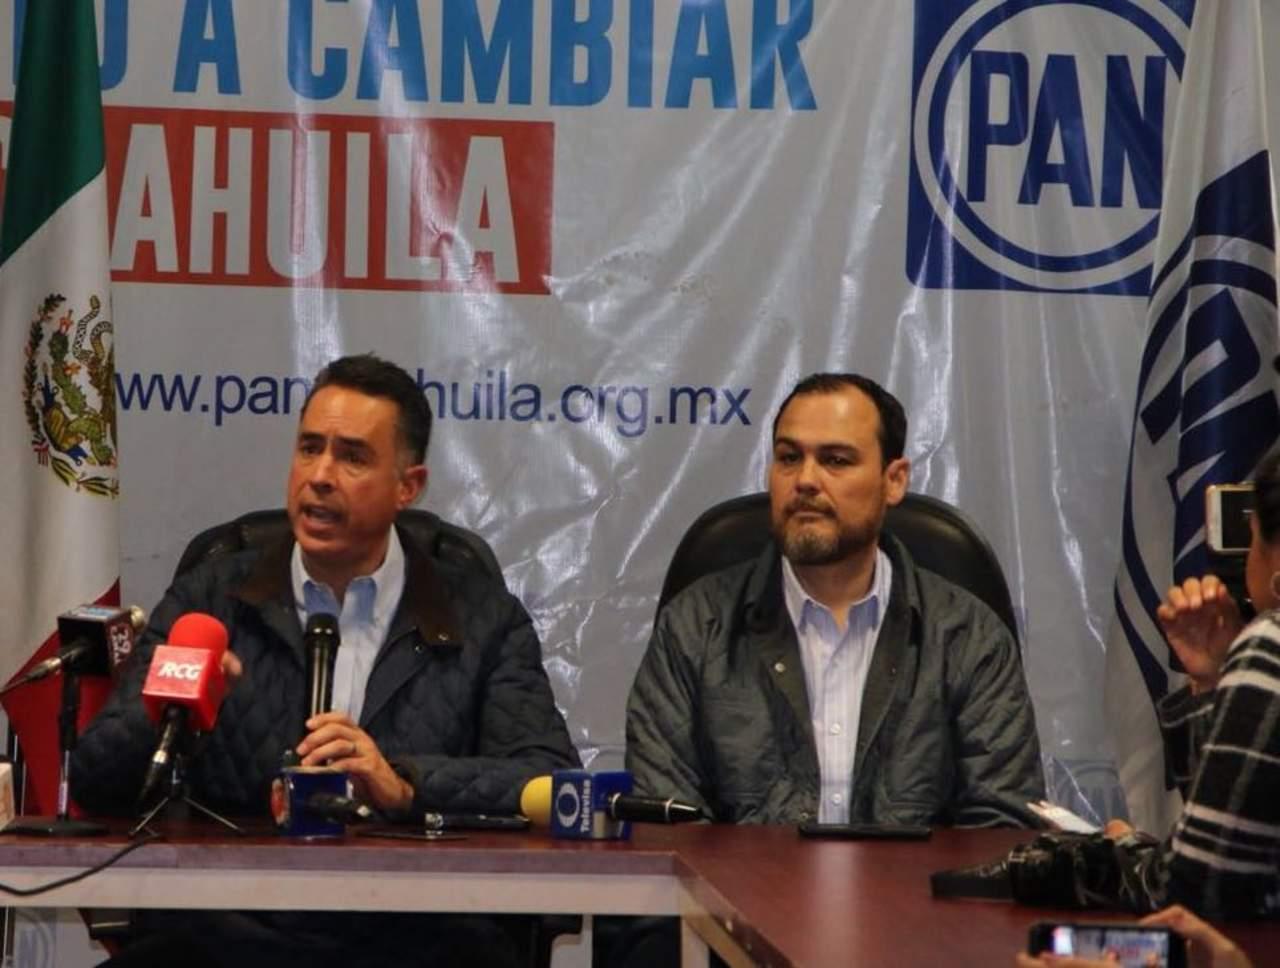 Guillermo Anaya va por senaduría